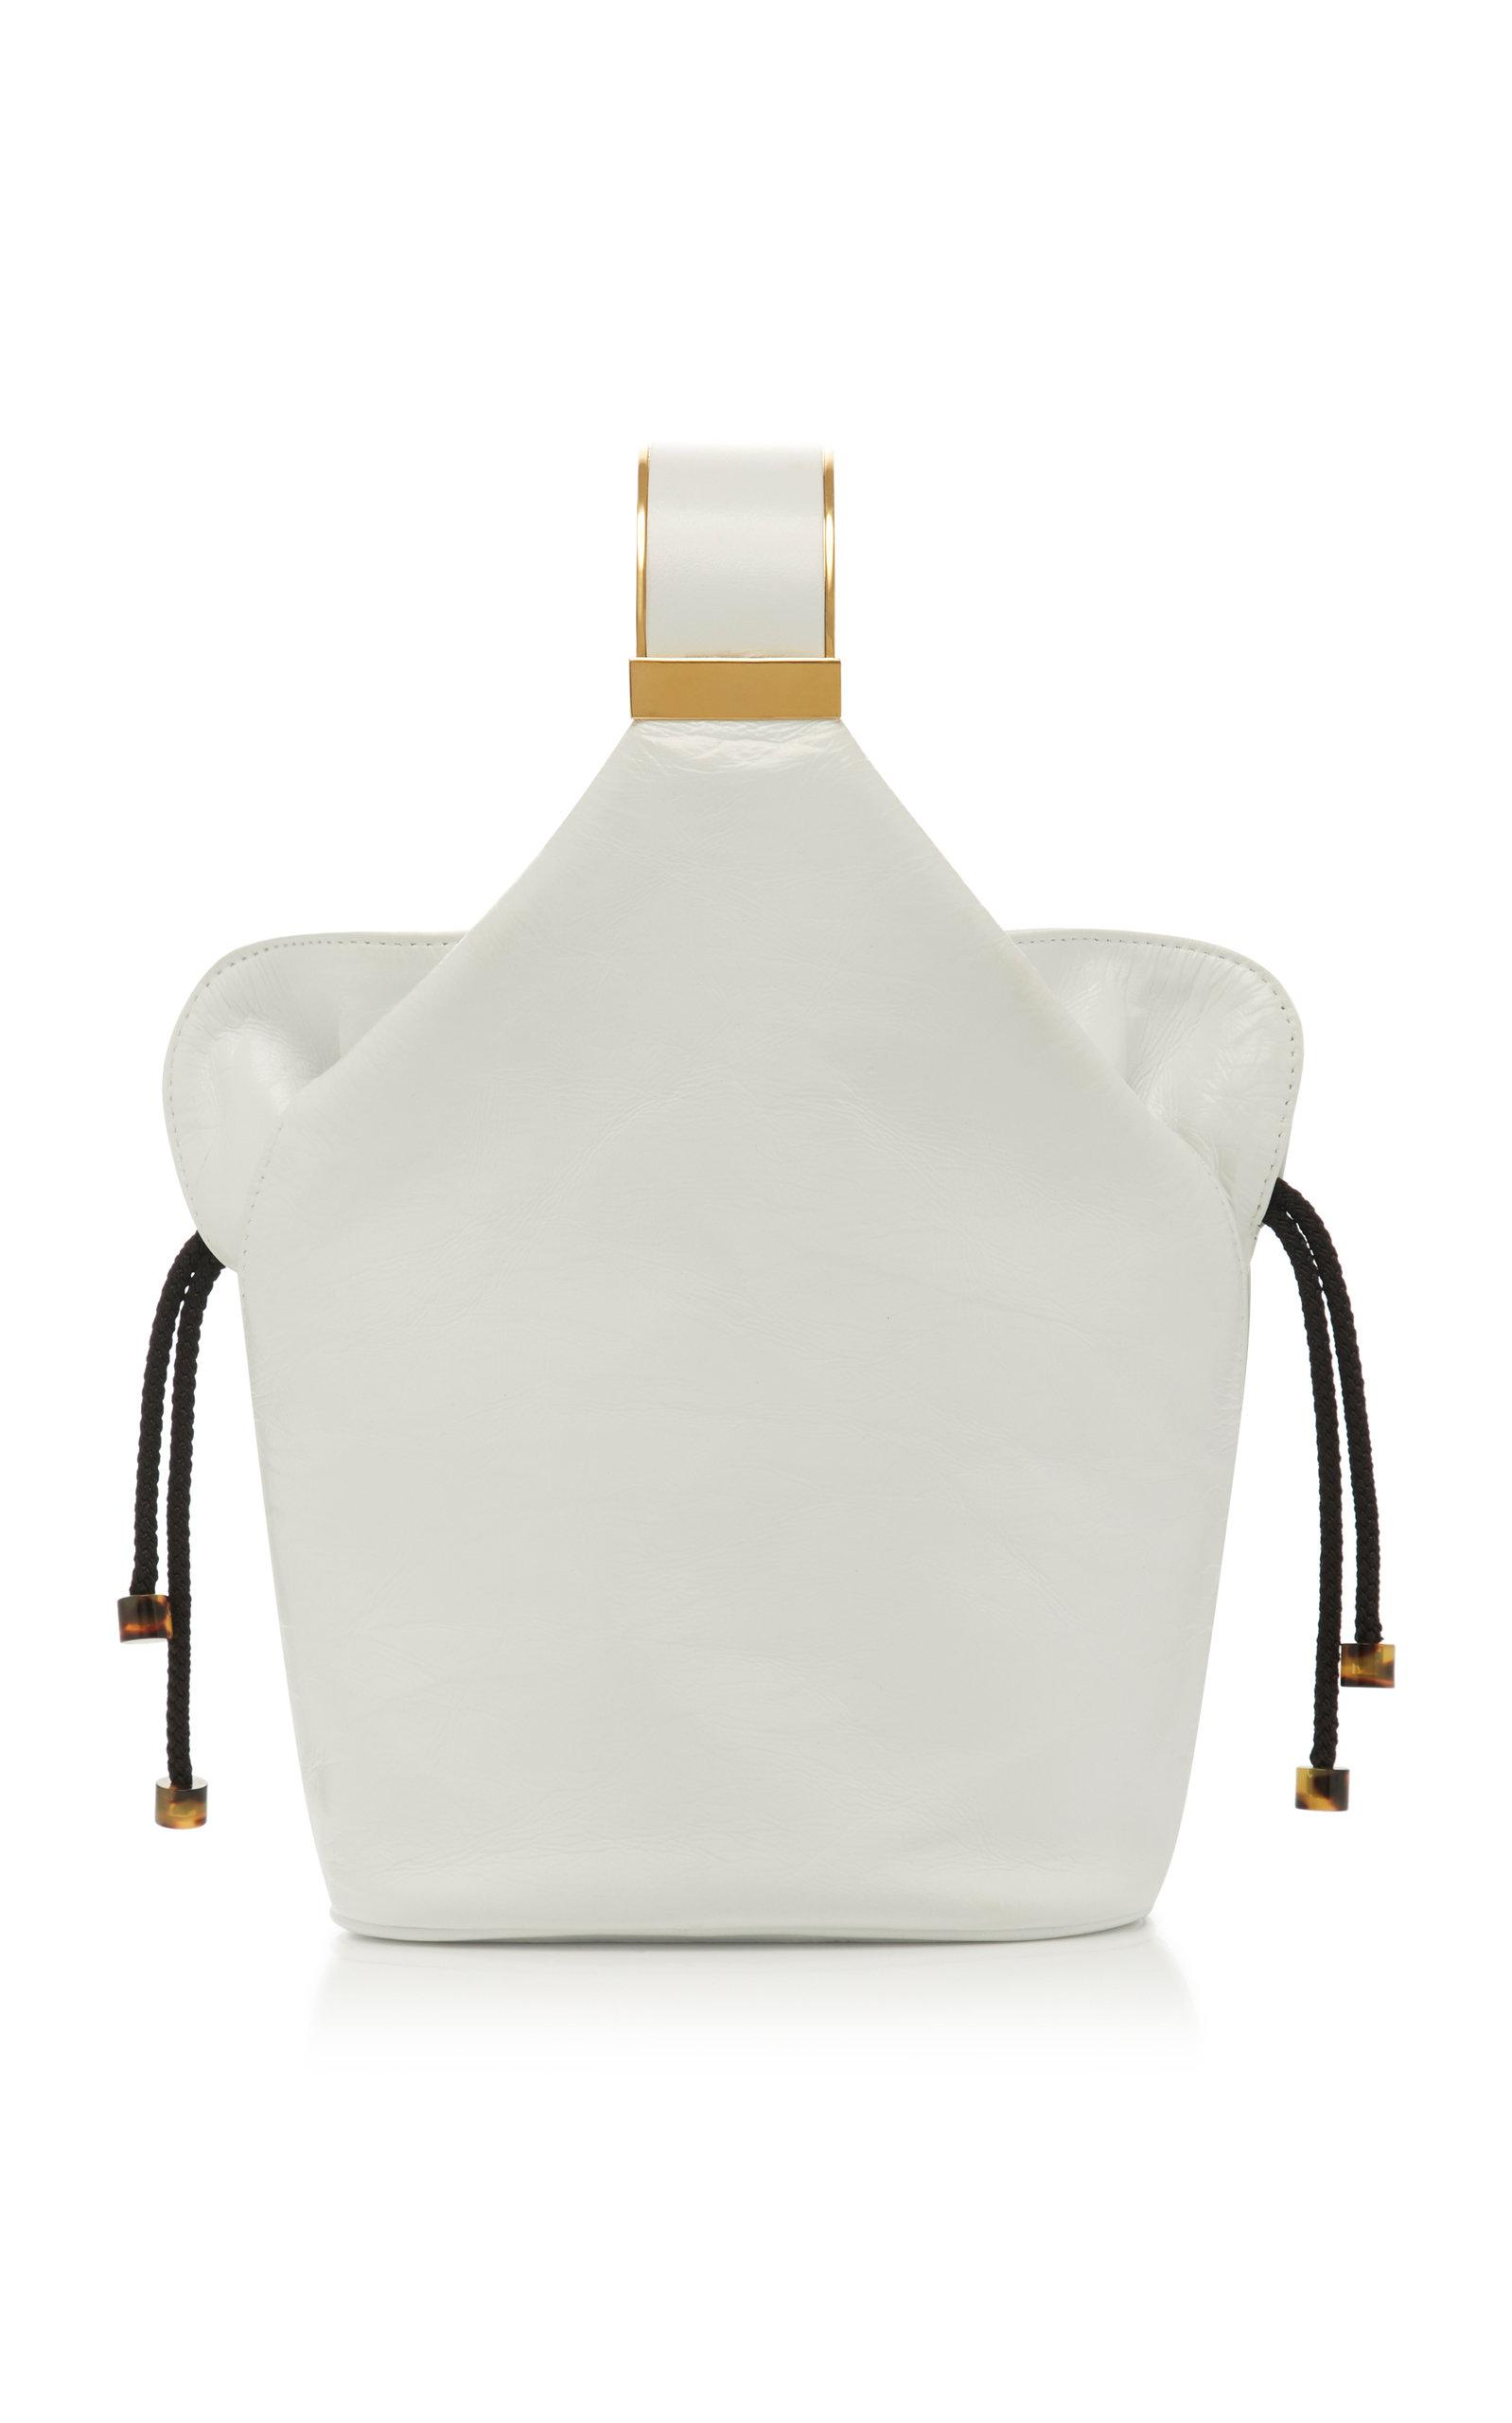 Bienen-Davis Kit Bracelet Bag in Leather O4YEE3T